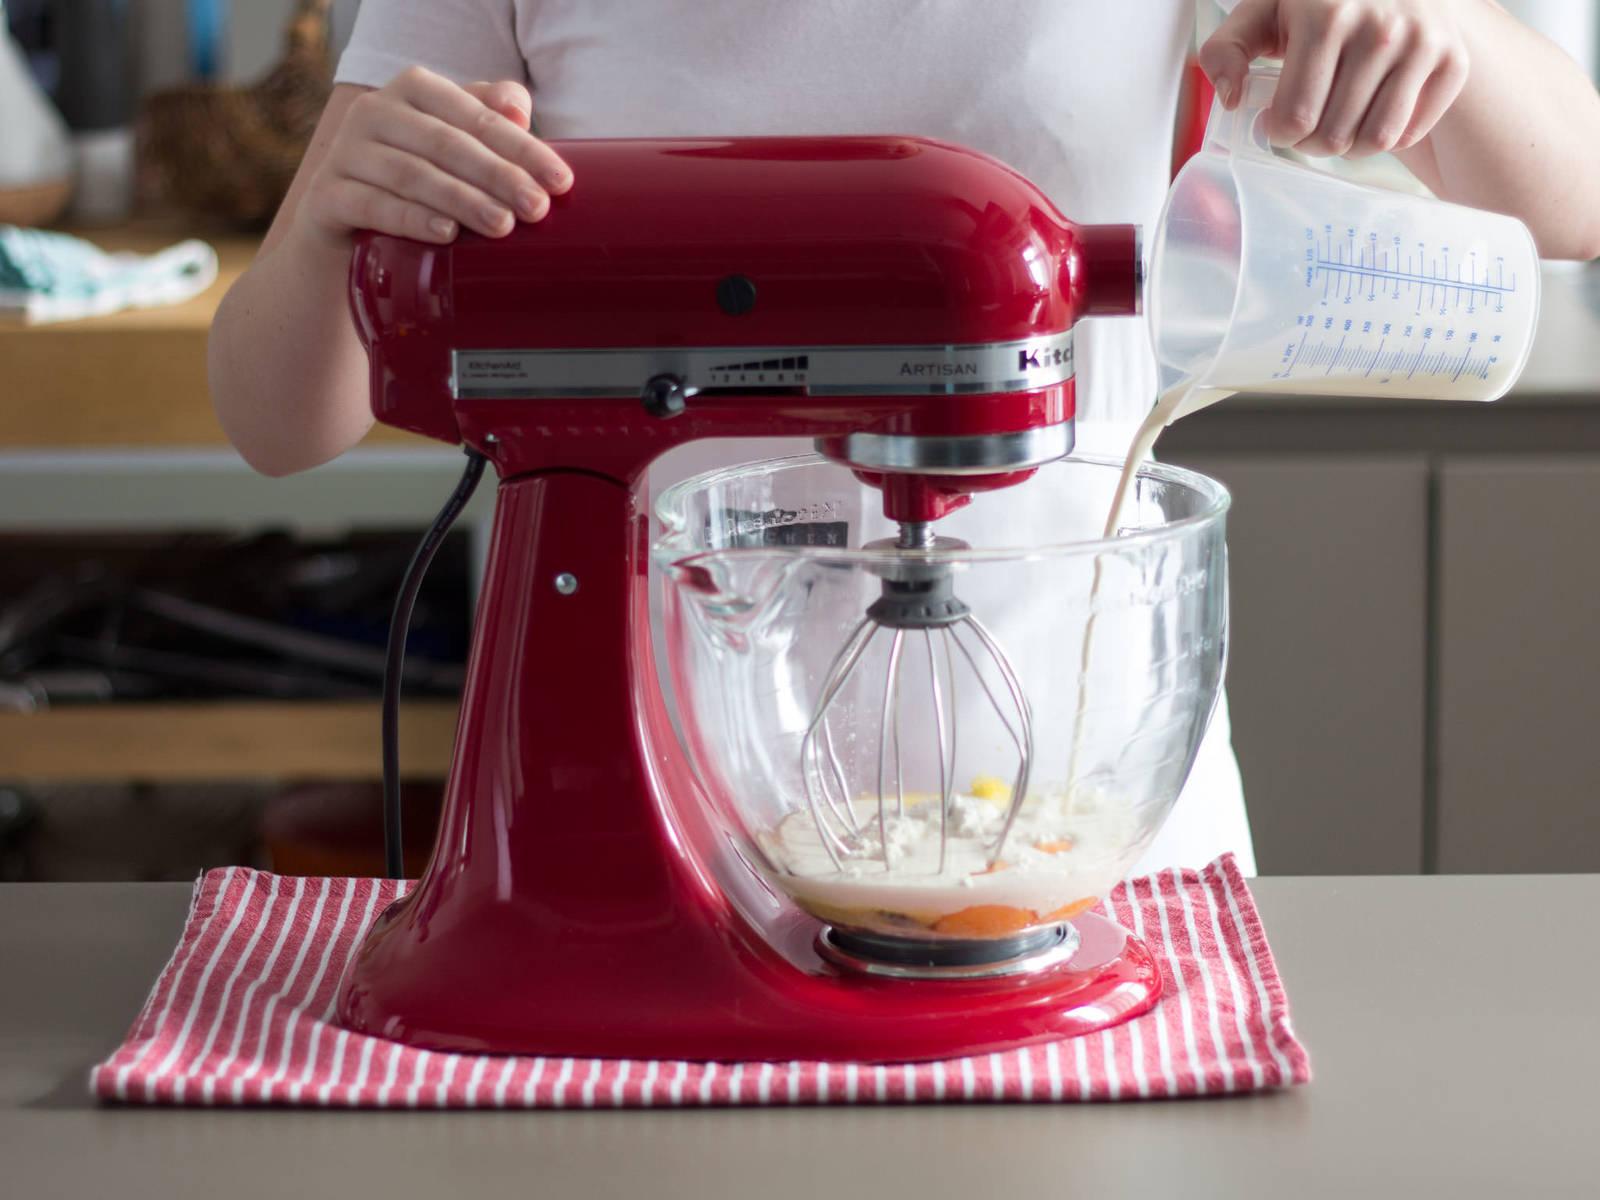 Zitrone und Orange abreiben und beiseitestellen. Mehl, Sahne, Eigelb, einen Teil der Vanilleschote, einen Teil des Zitronenabriebs und eine Prise Salz in die Küchenmaschine geben. Zu einem glatten Teig schlagen. Teig in eine Schüssel geben und beiseitestellen.